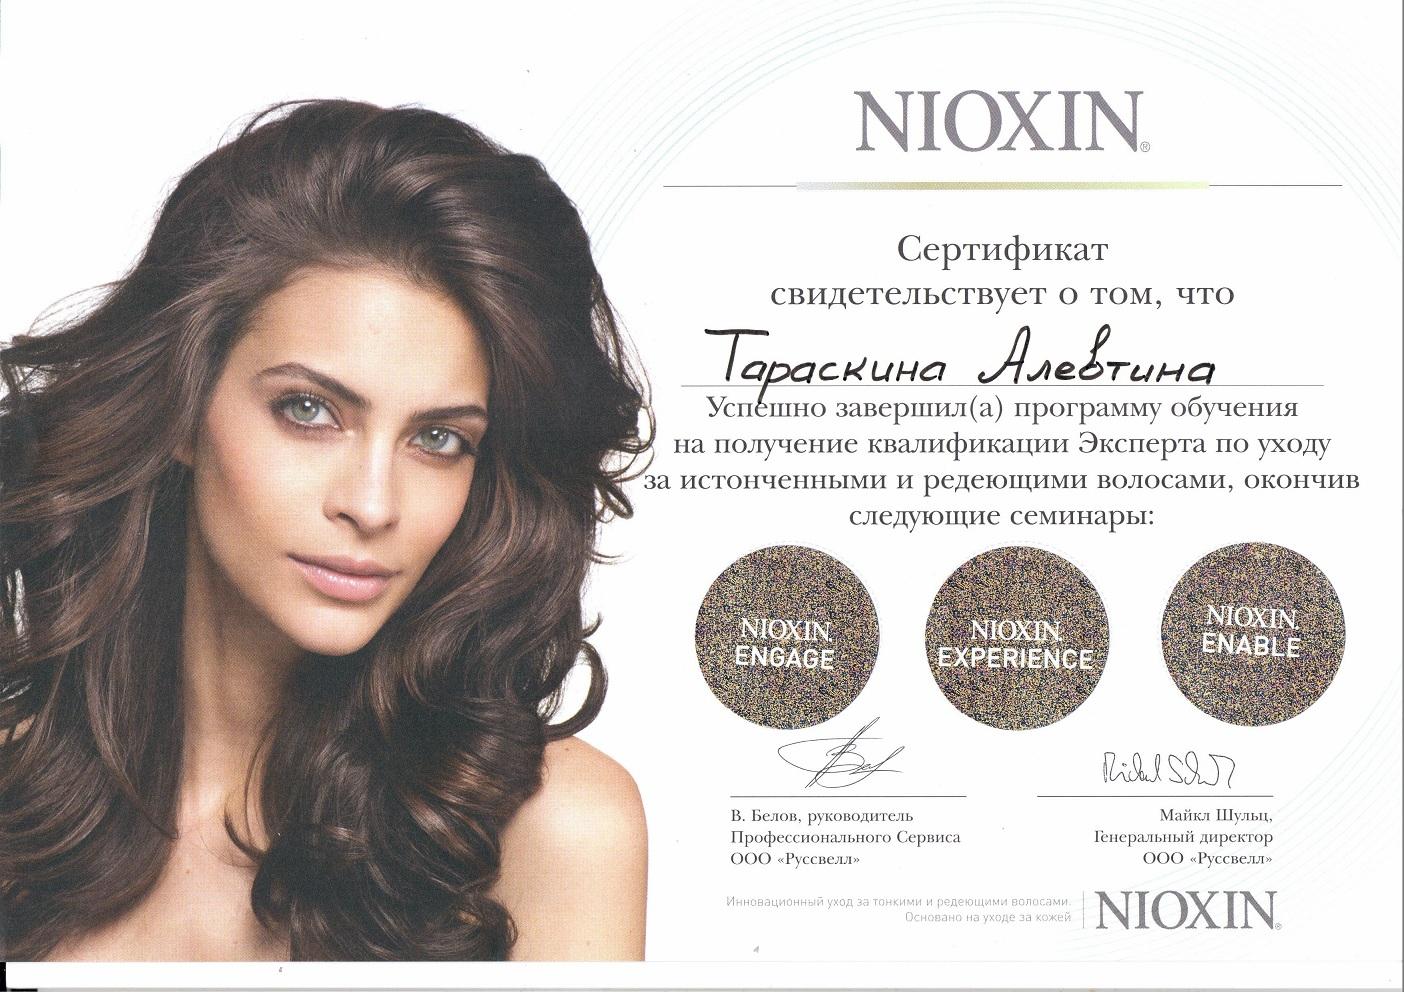 Эксперт Ниоксин